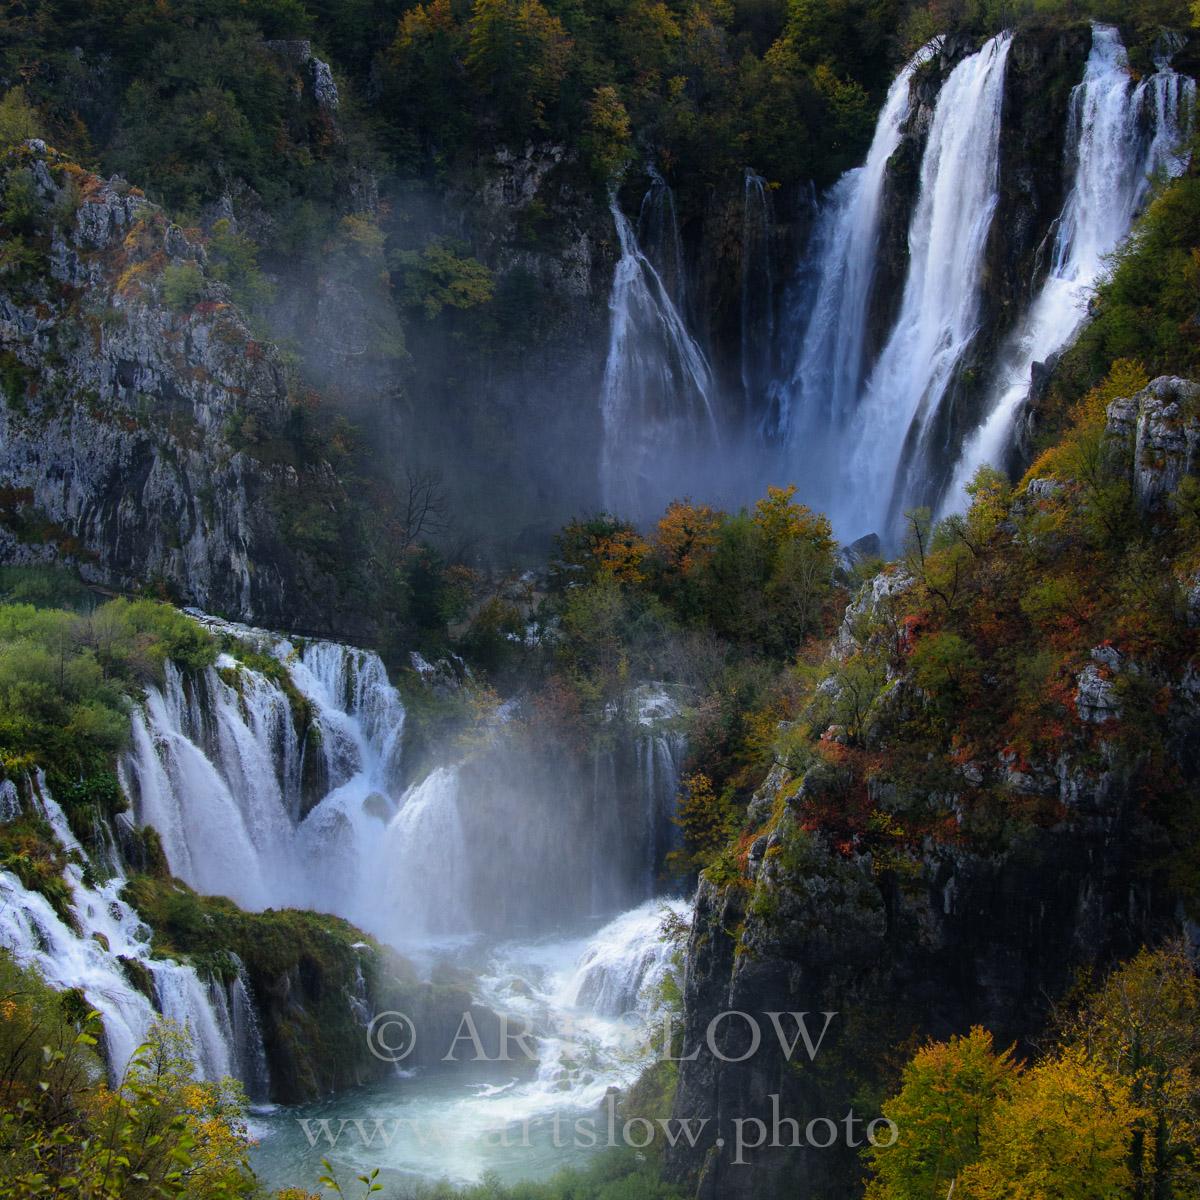 Mensaje Viviente - Parque Nacional de los Lagos de Plivitce, Croacia. Edición: 10/10 + 2P/A - Agua es vida - Agua